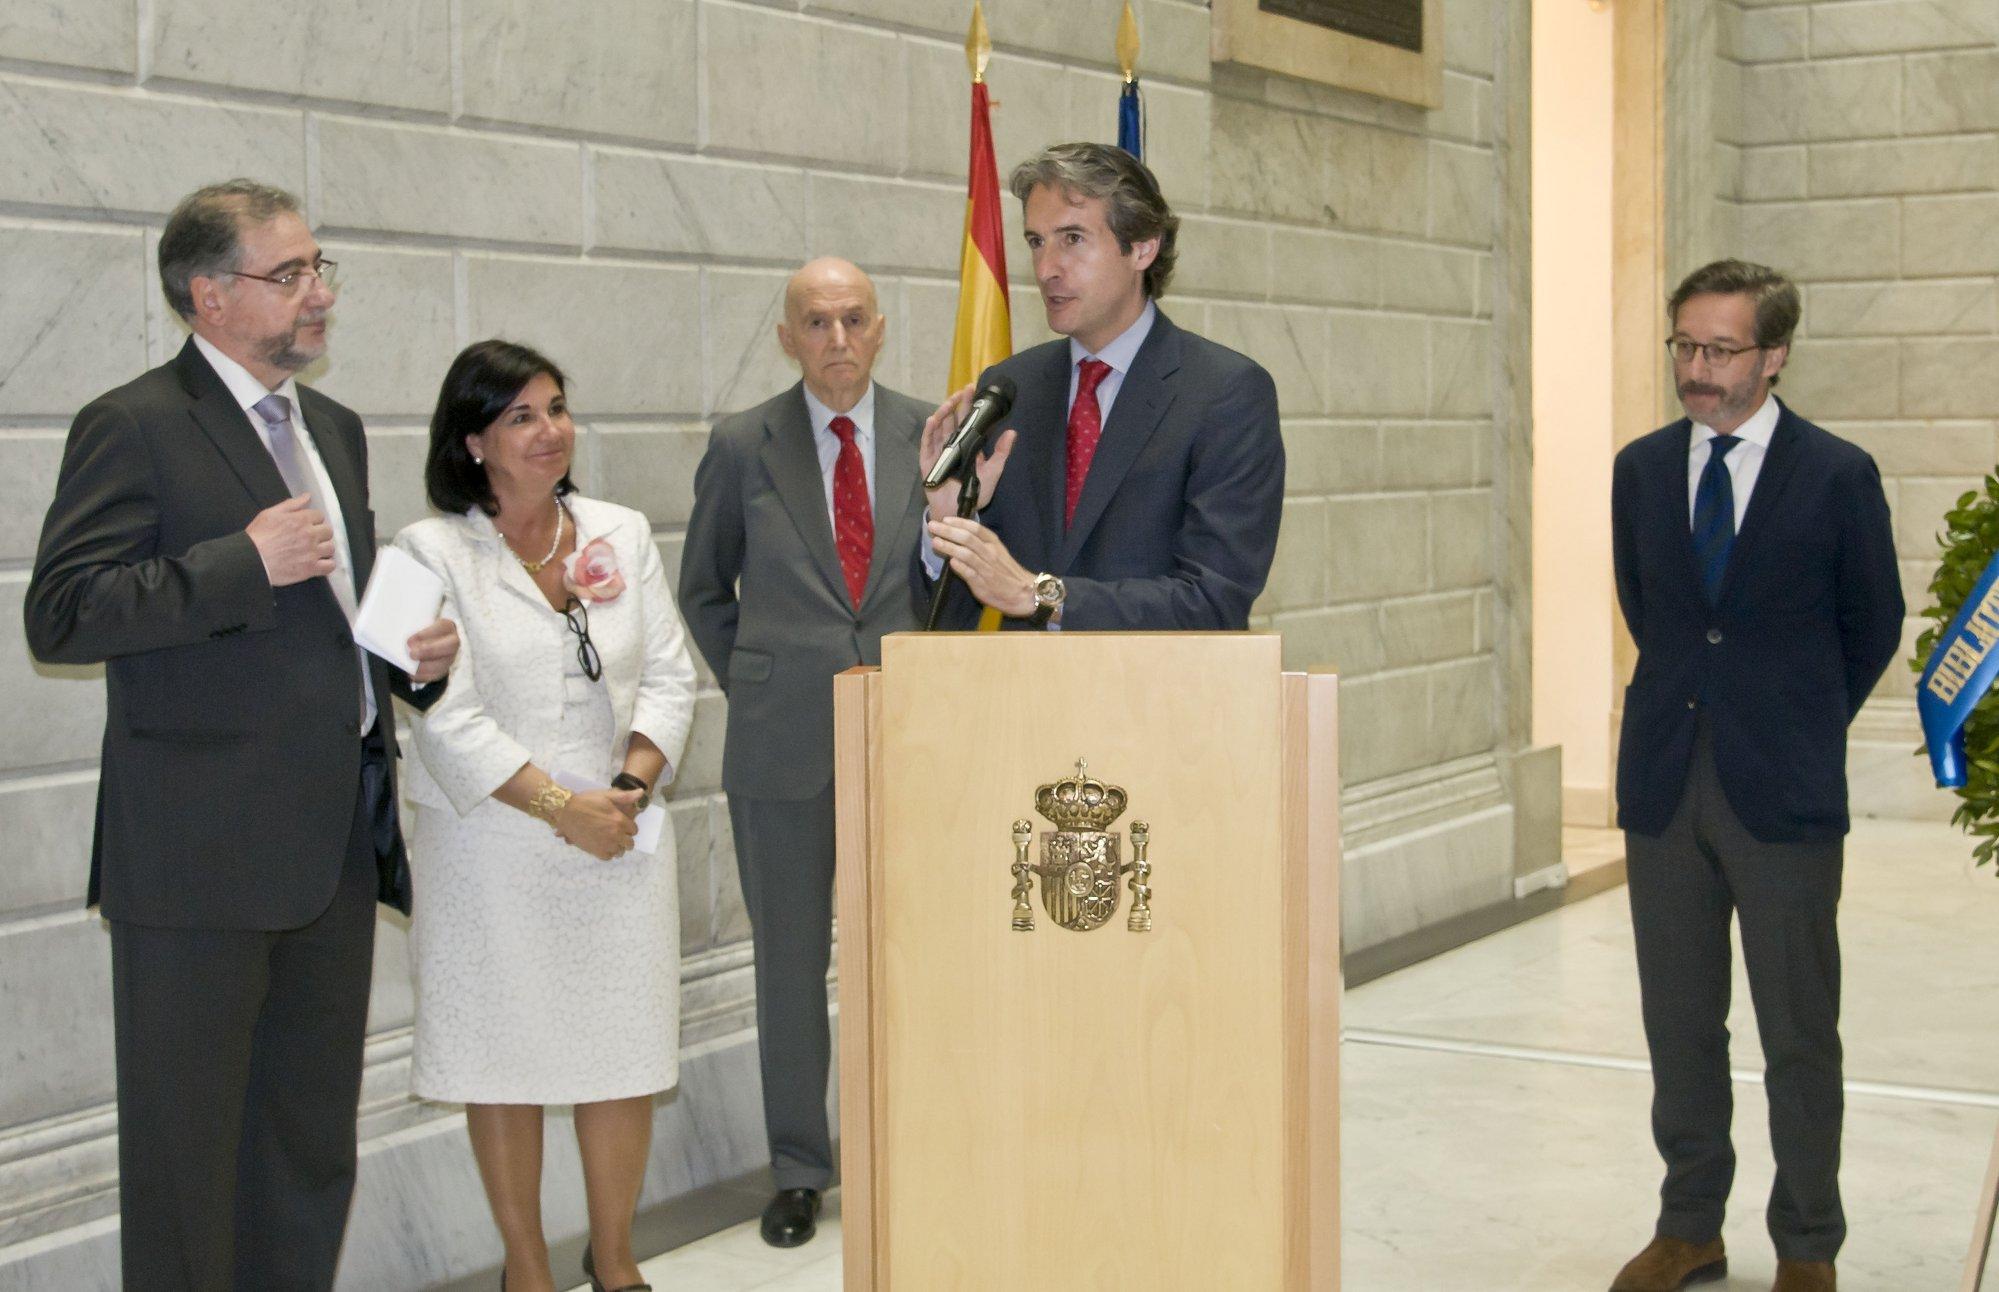 Alcalde de Santander y presidente del Parlamento cántabro destacan el «enorme legado» recibido de Menéndez Pelayo